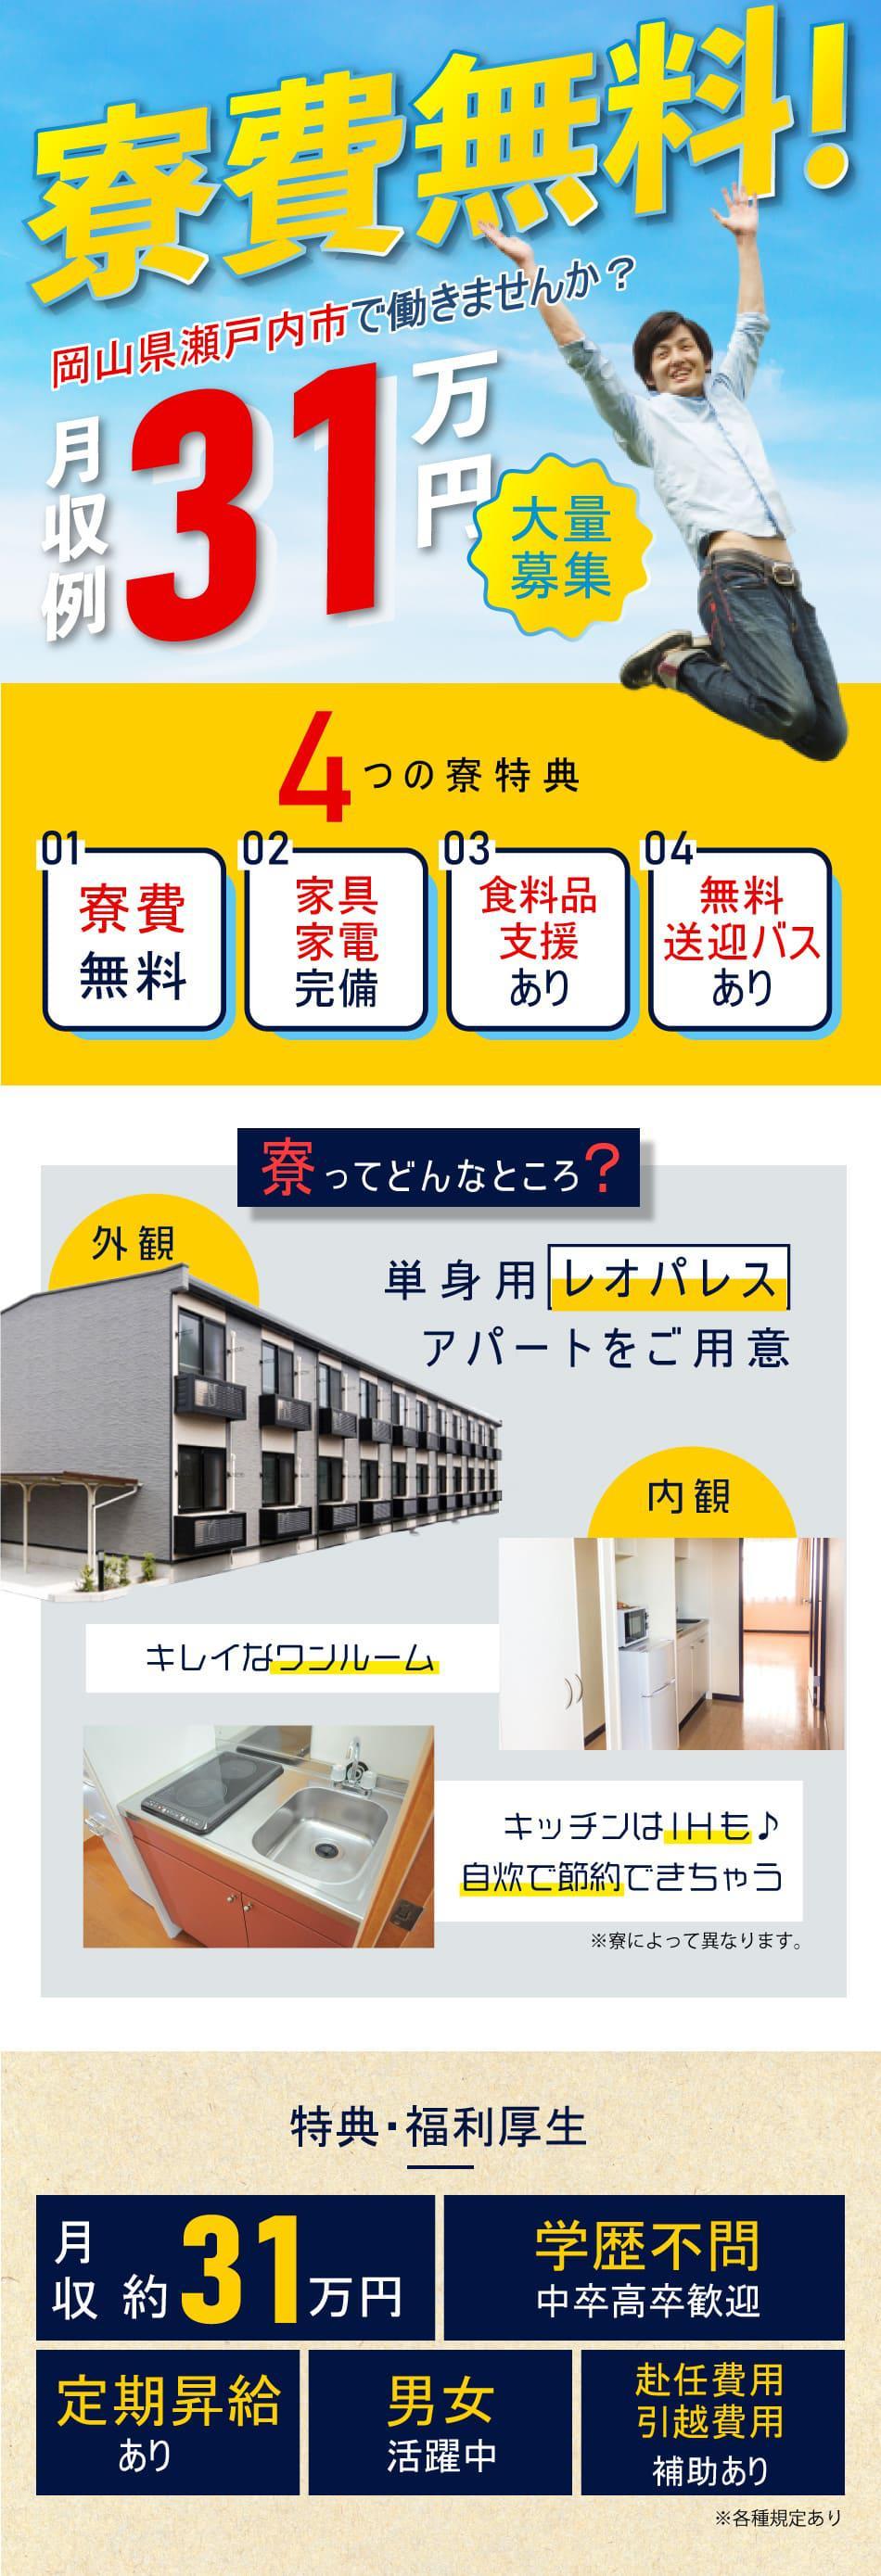 寮費無料 月収例31万円